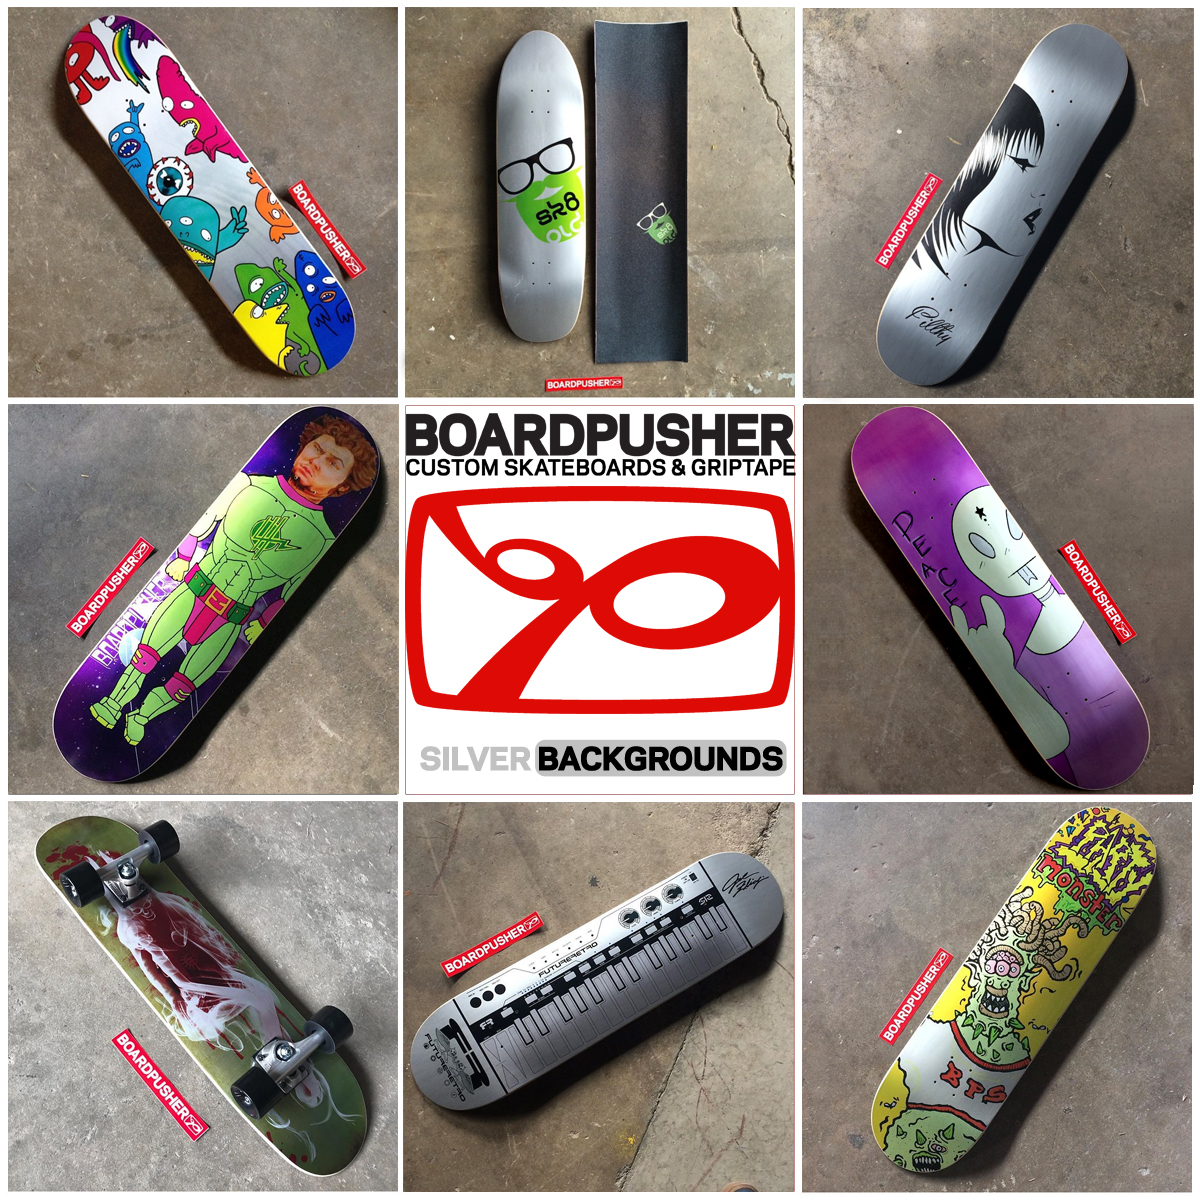 BoardPusher Emails |